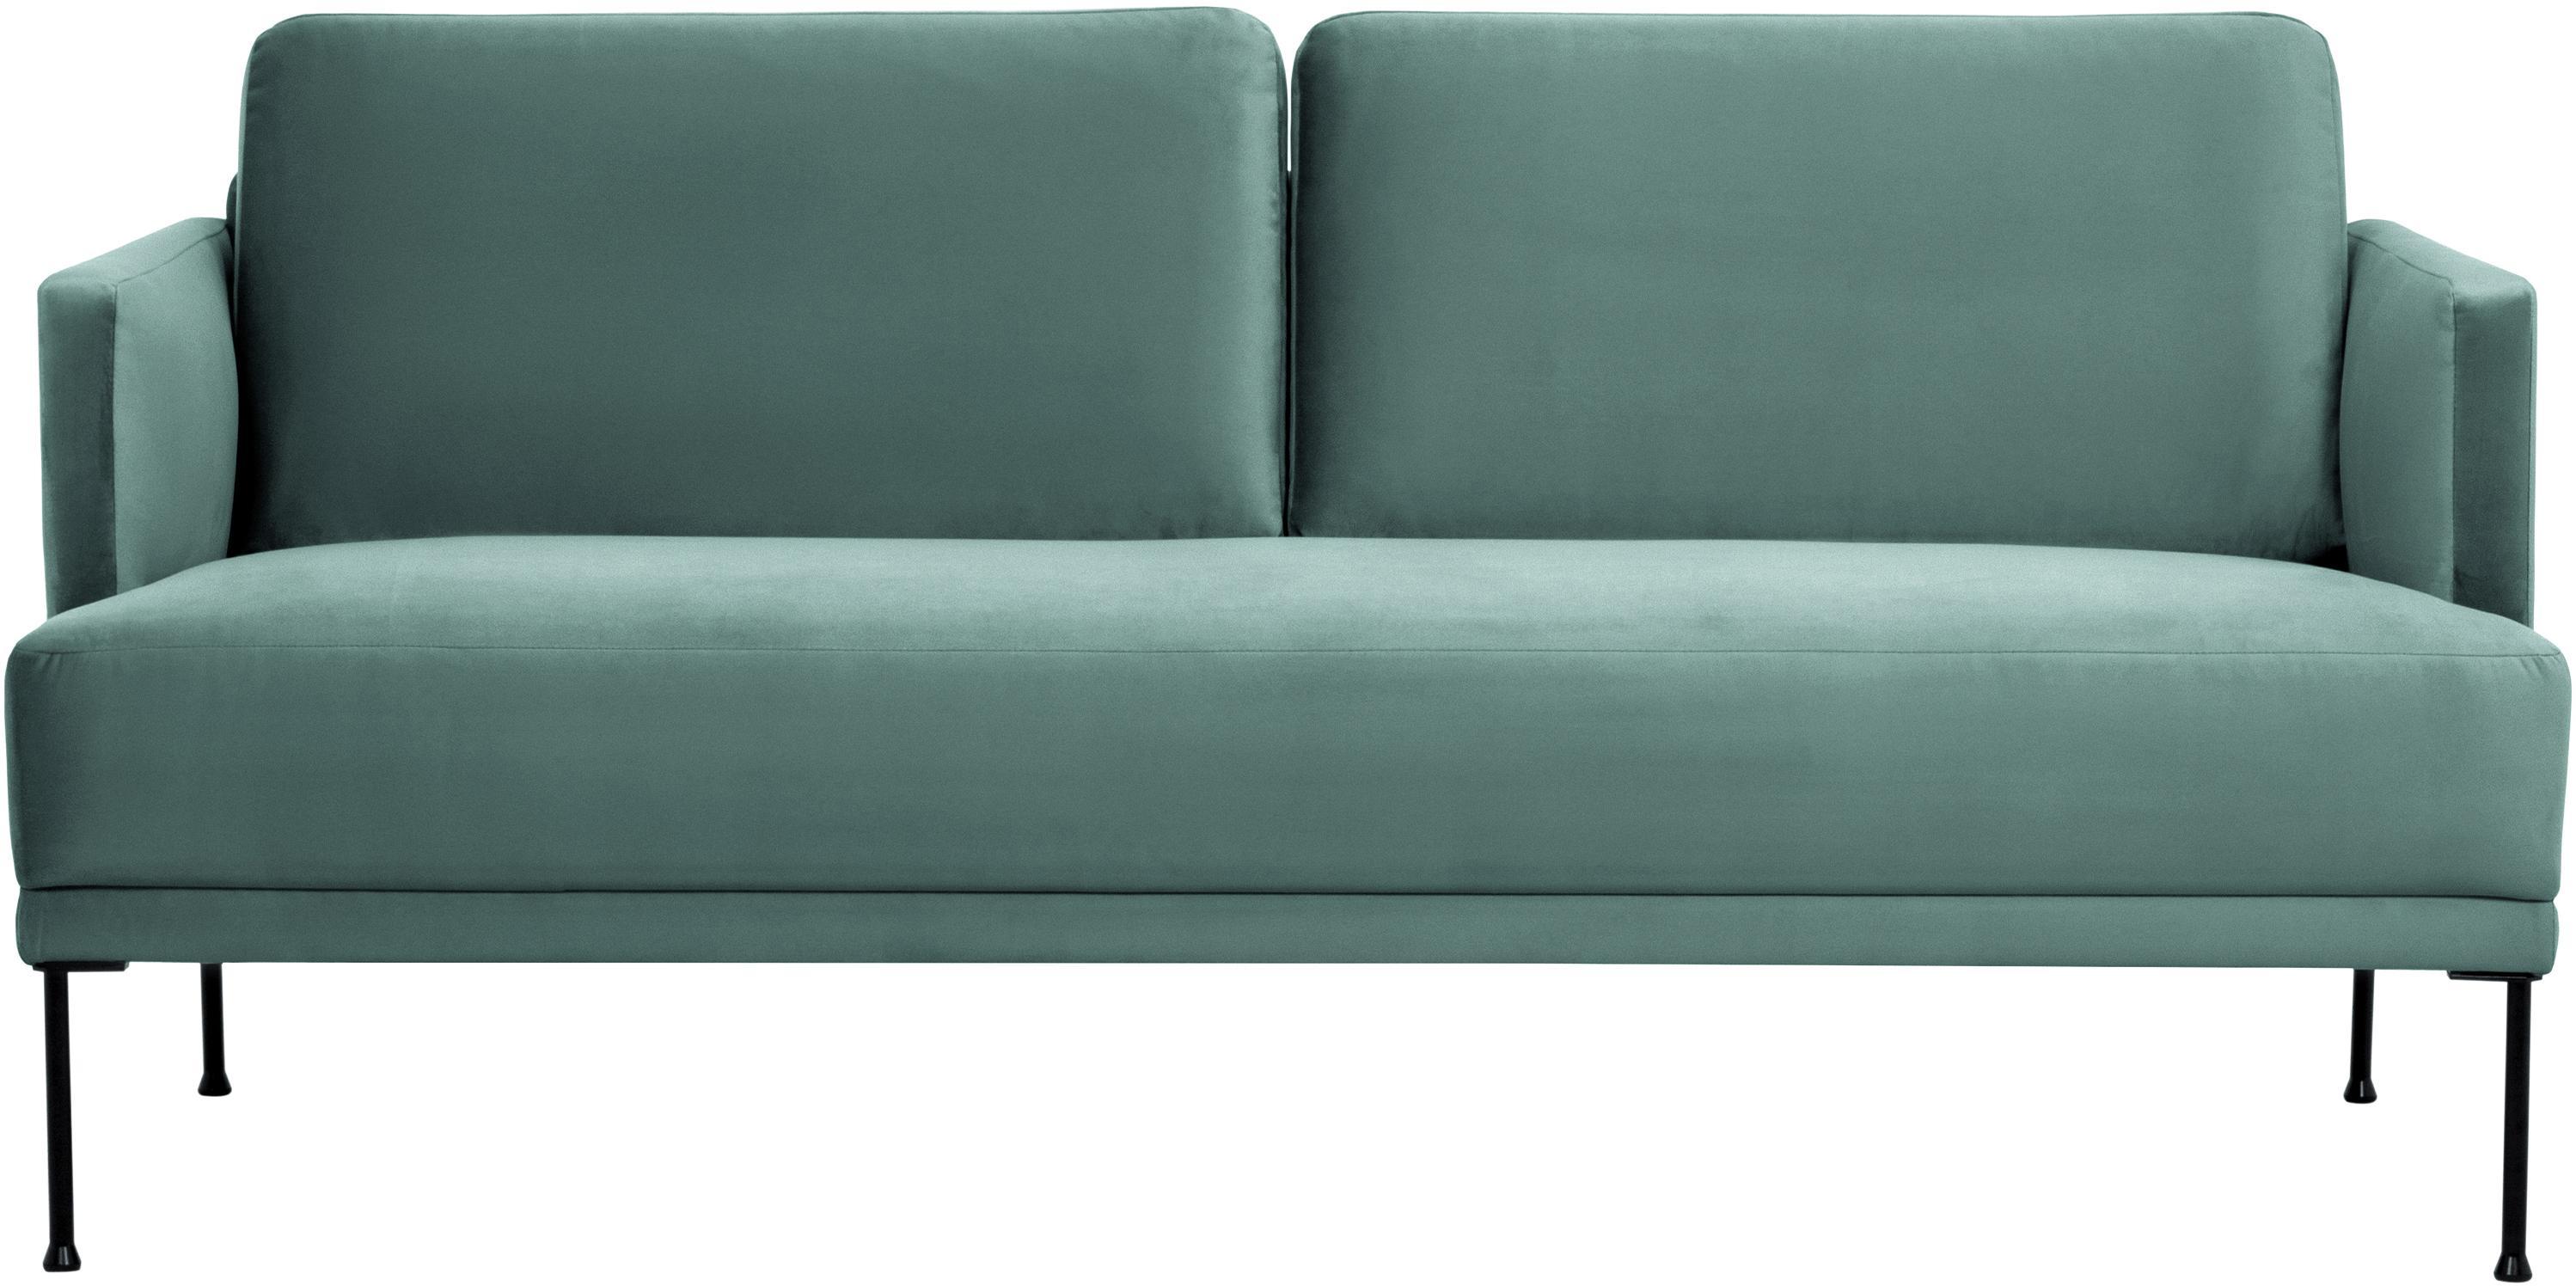 Samt-Sofa Fluente (2-Sitzer), Bezug: Samt (Hochwertiger Polyes, Gestell: Massives Kiefernholz, Füße: Metall, pulverbeschichtet, Samt Hellgrün, B 166 x T 85 cm